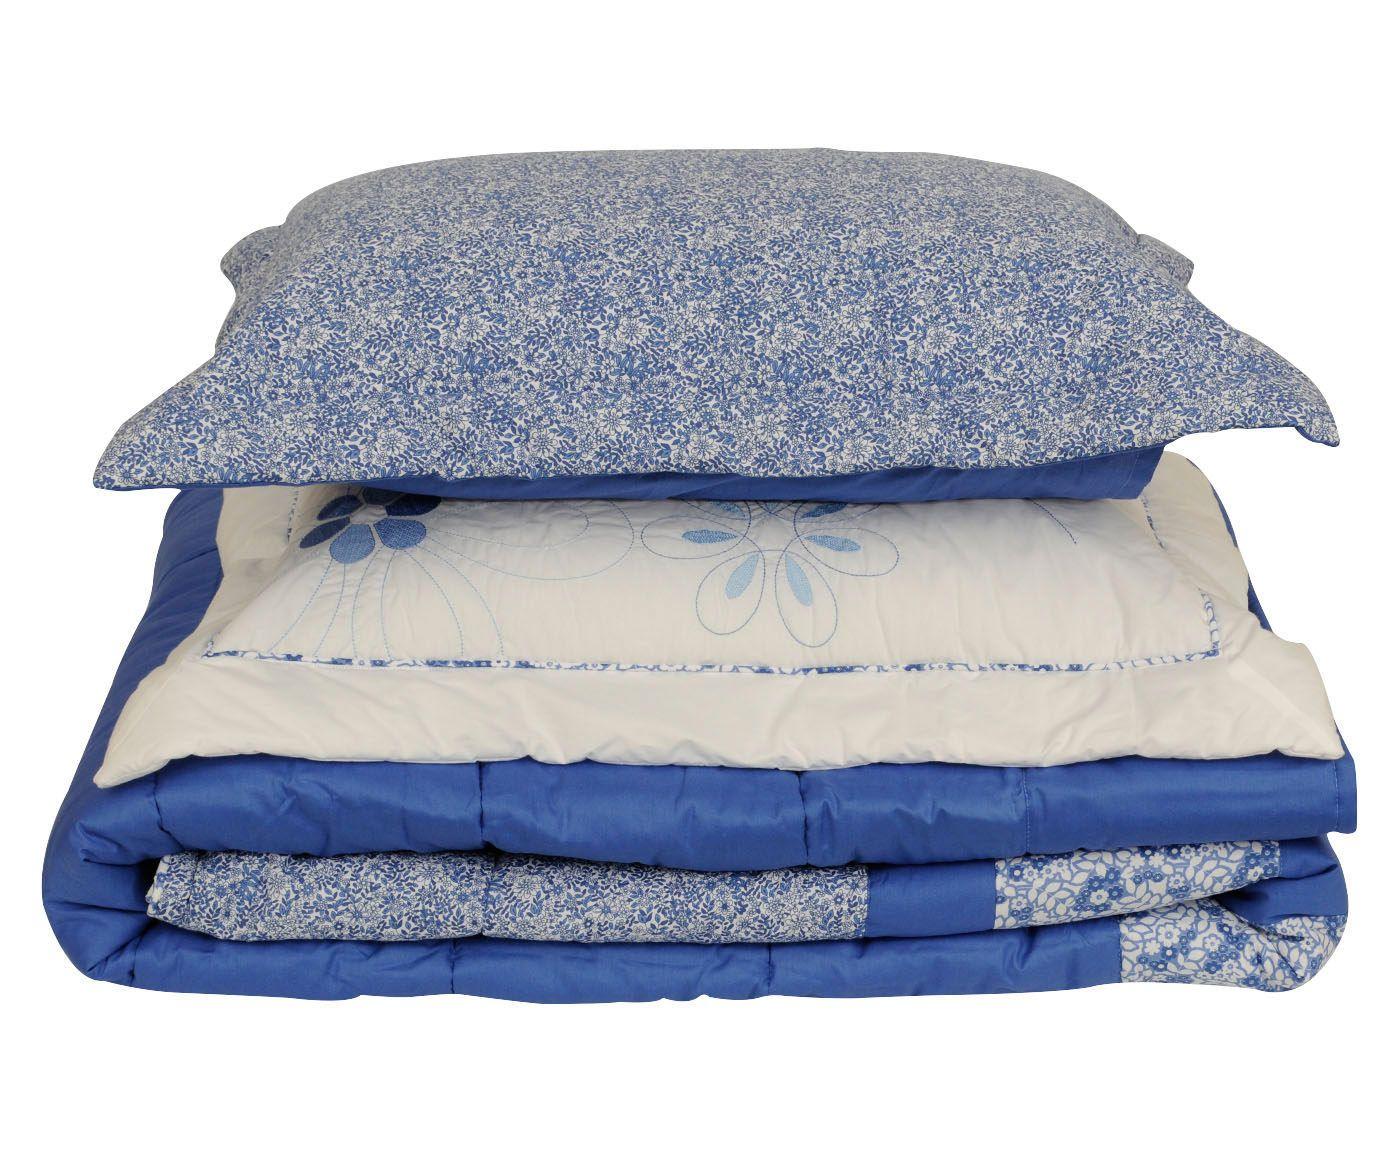 Jogo com colcha anis para cama queen size 200 fios | Westwing.com.br